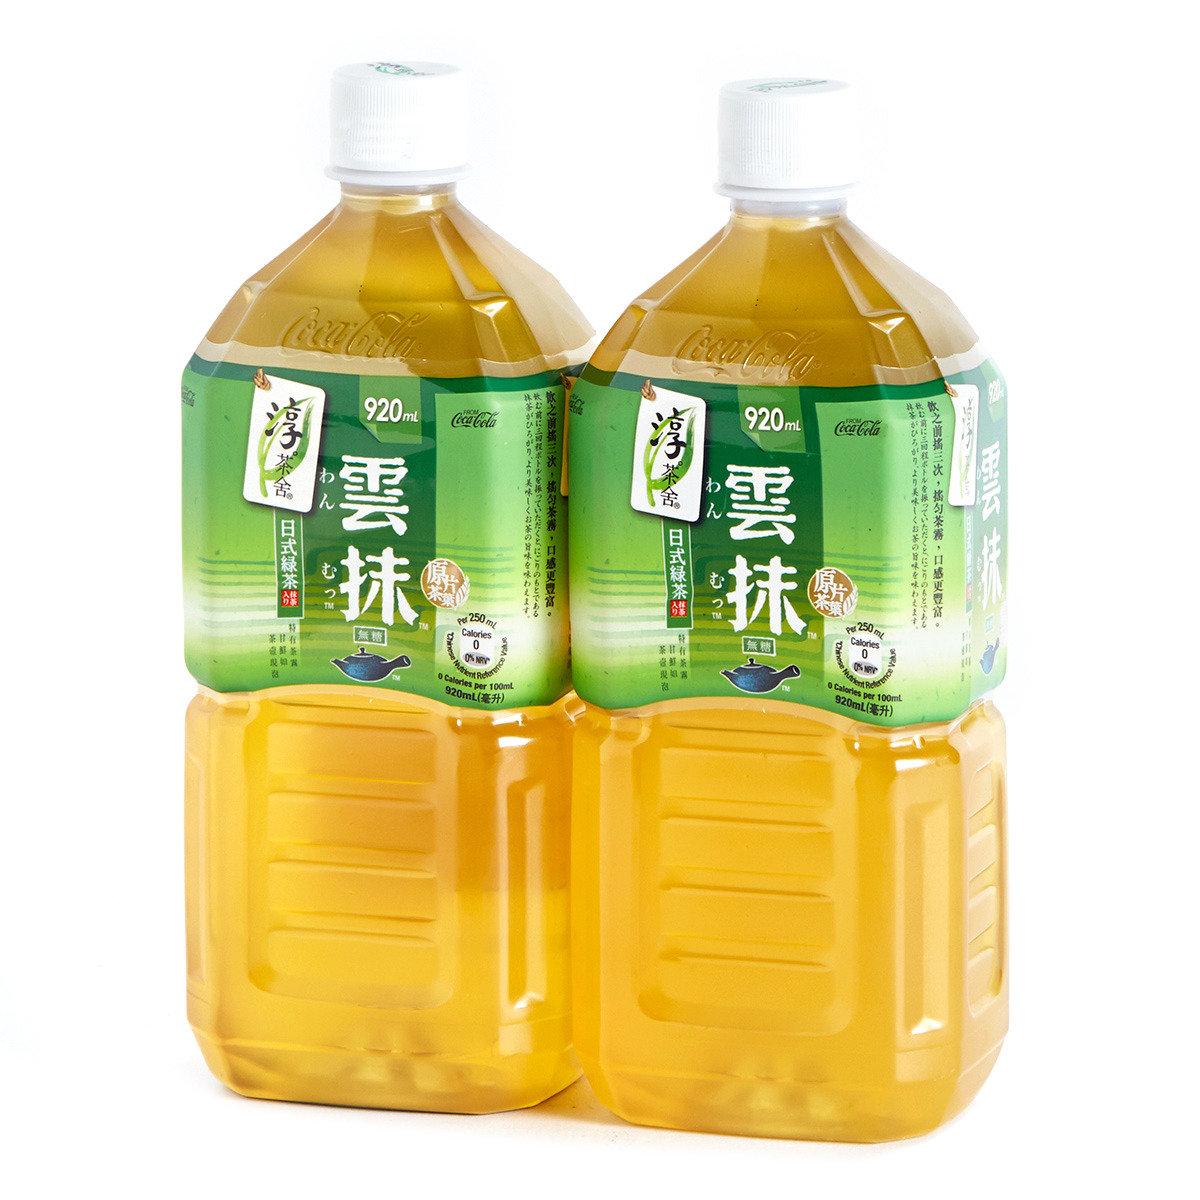 雲抹日式綠茶飲料膠樽裝